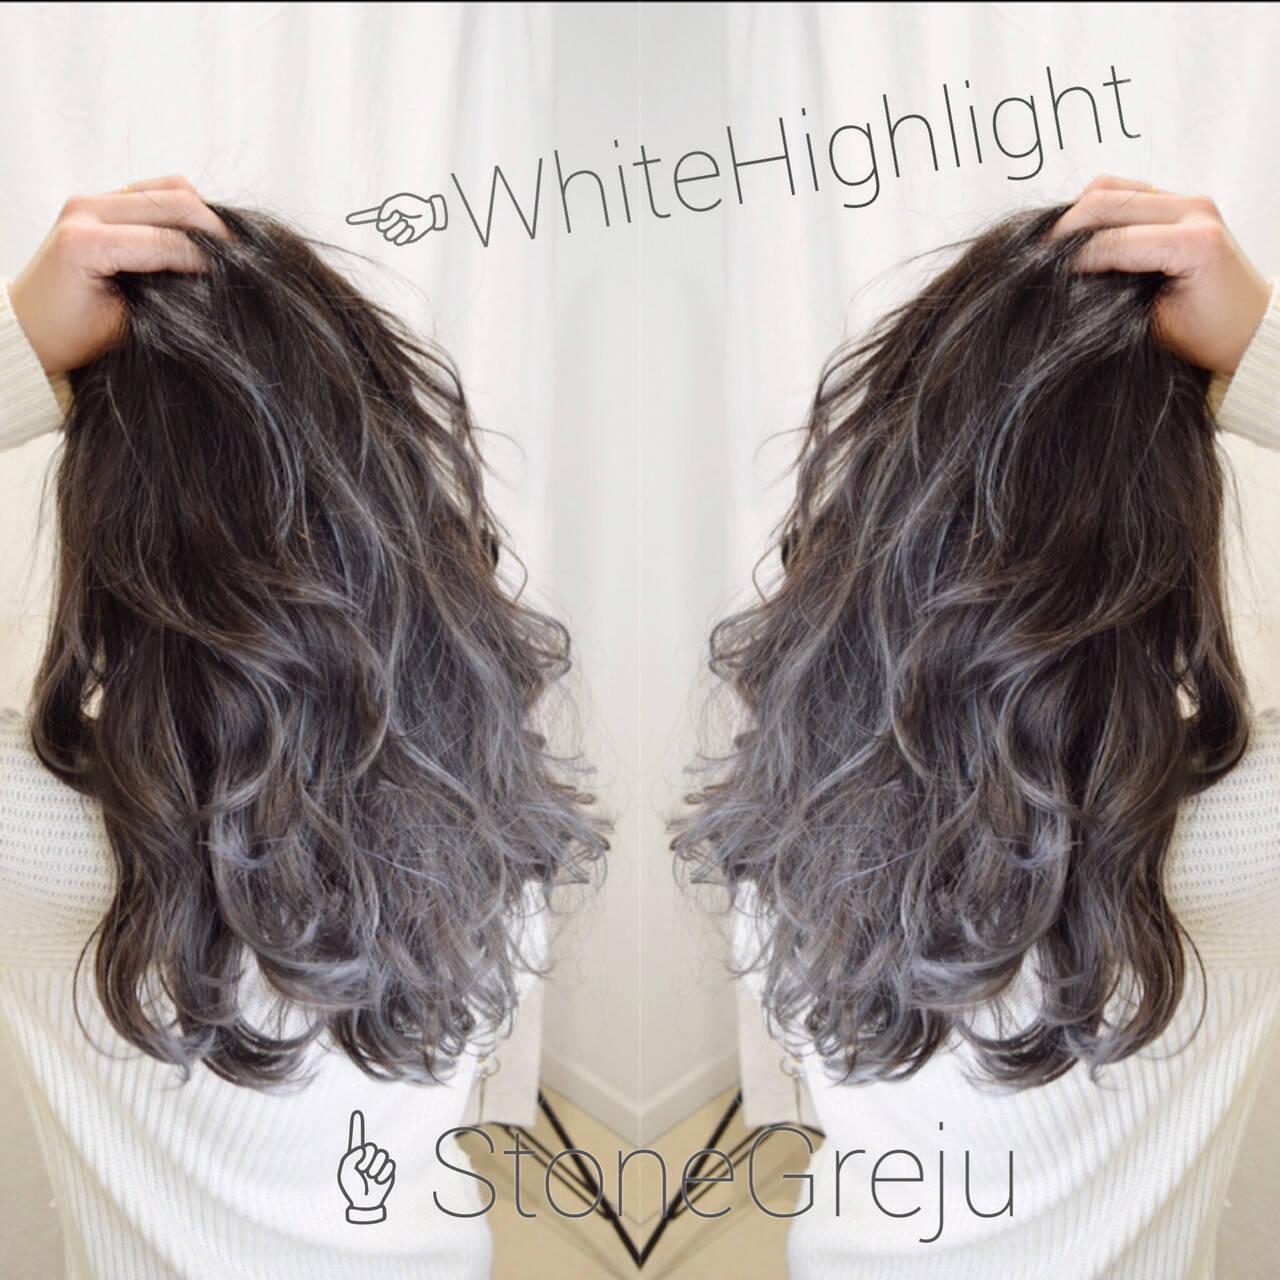 アッシュグラデーション フェミニン ロング ホワイトハイライトヘアスタイルや髪型の写真・画像